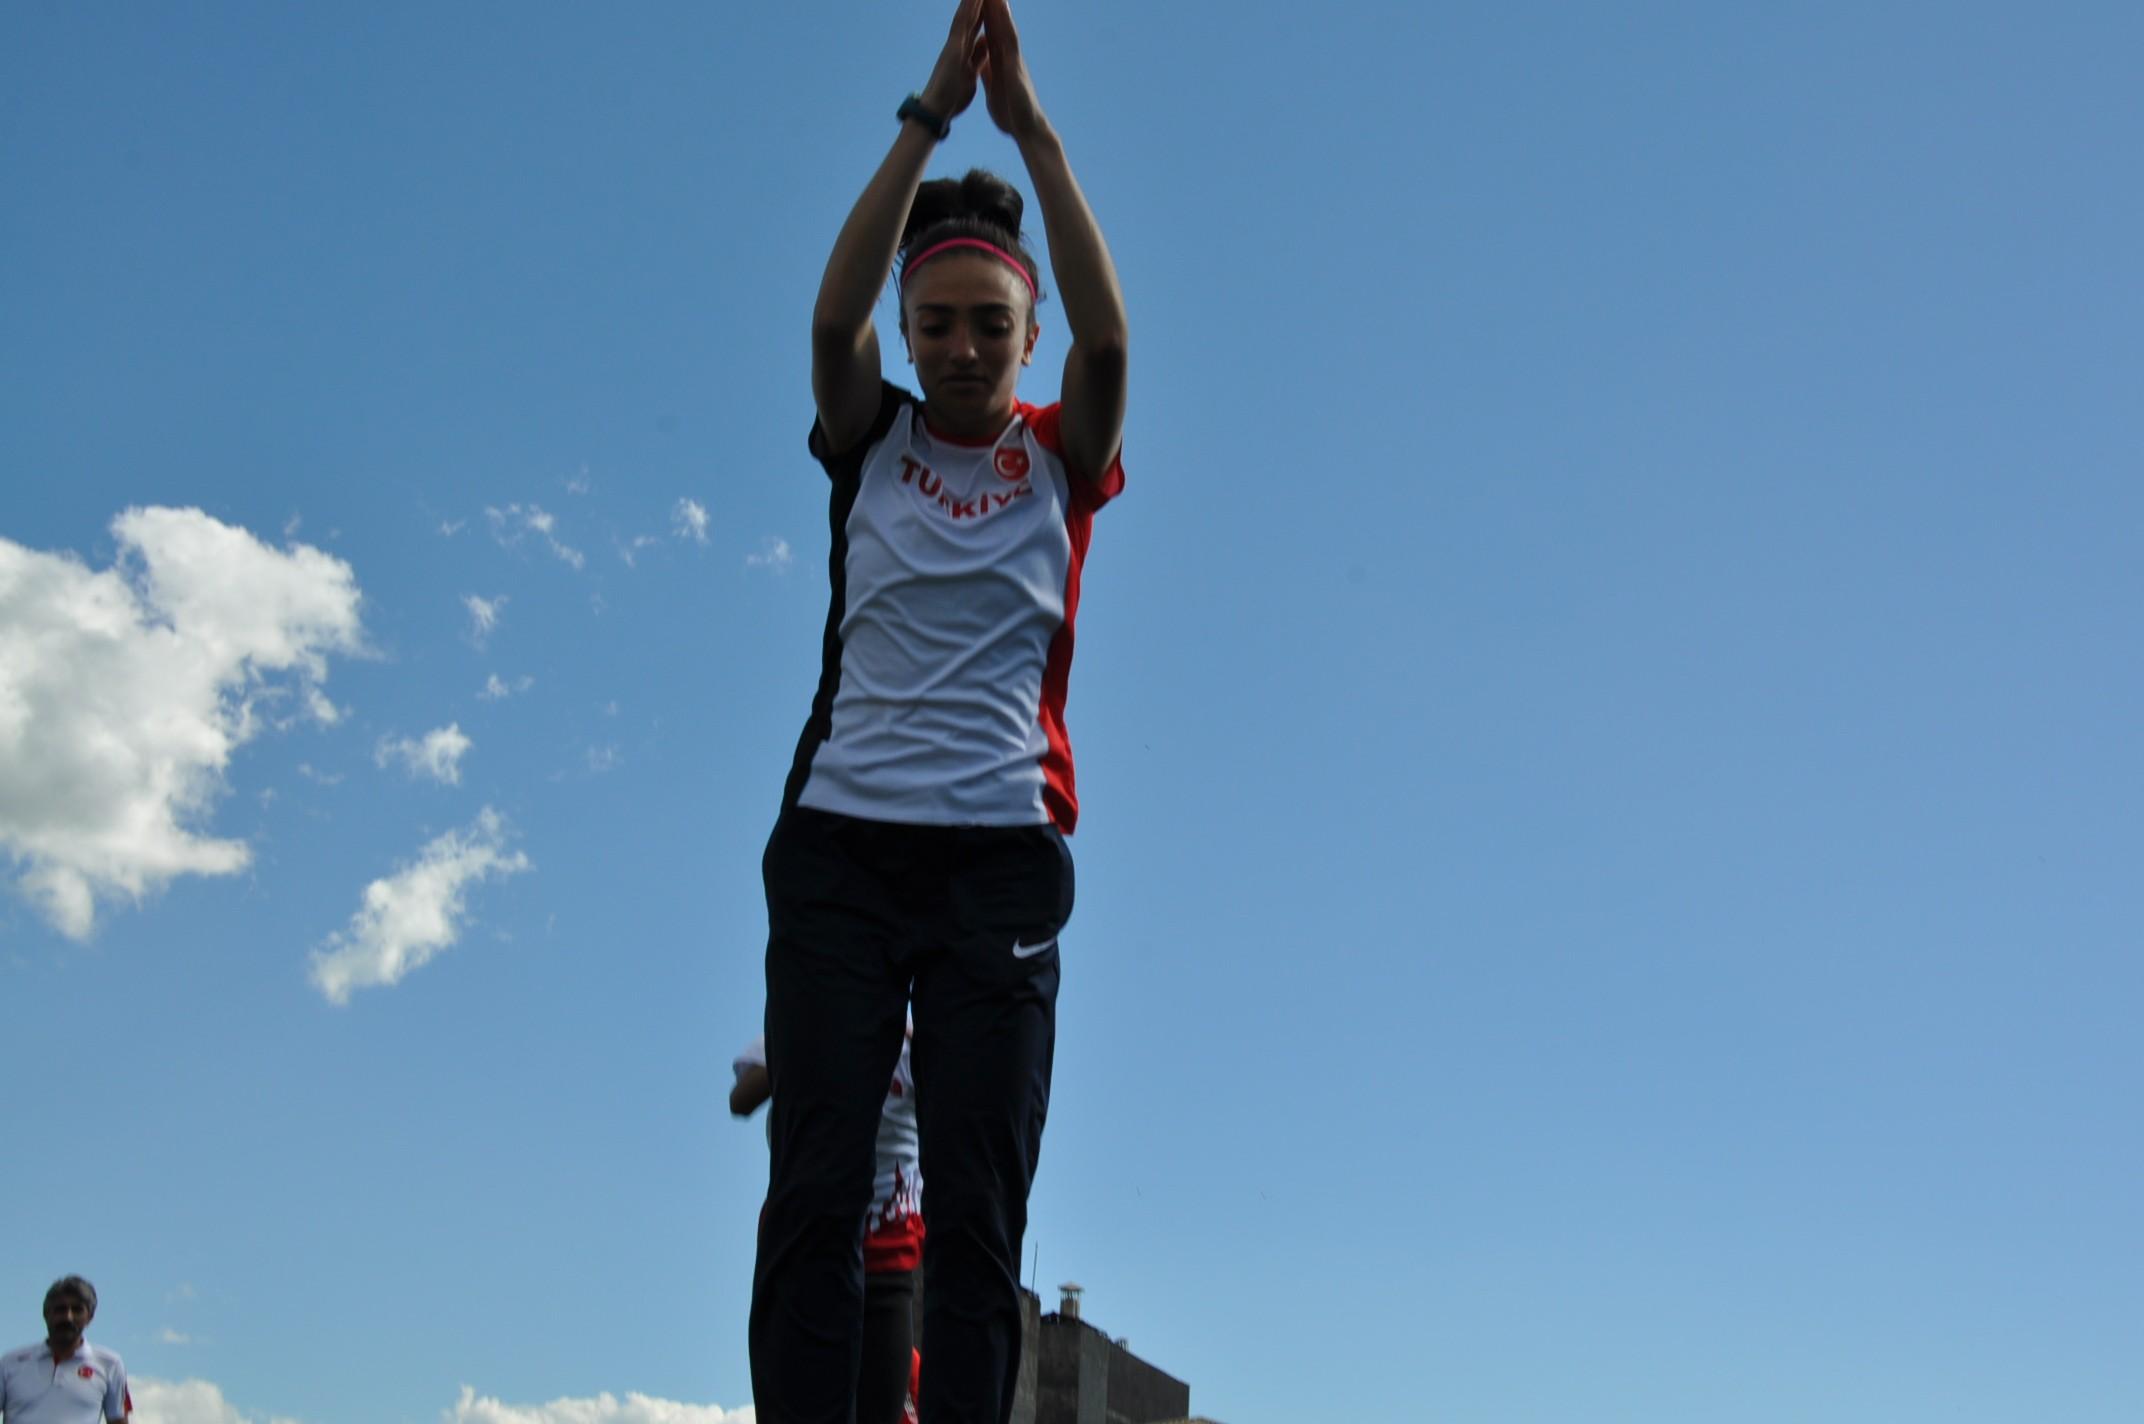 karsli-atlet-romanya'da-balkan-sampiyonu-oldu-(2).jpg